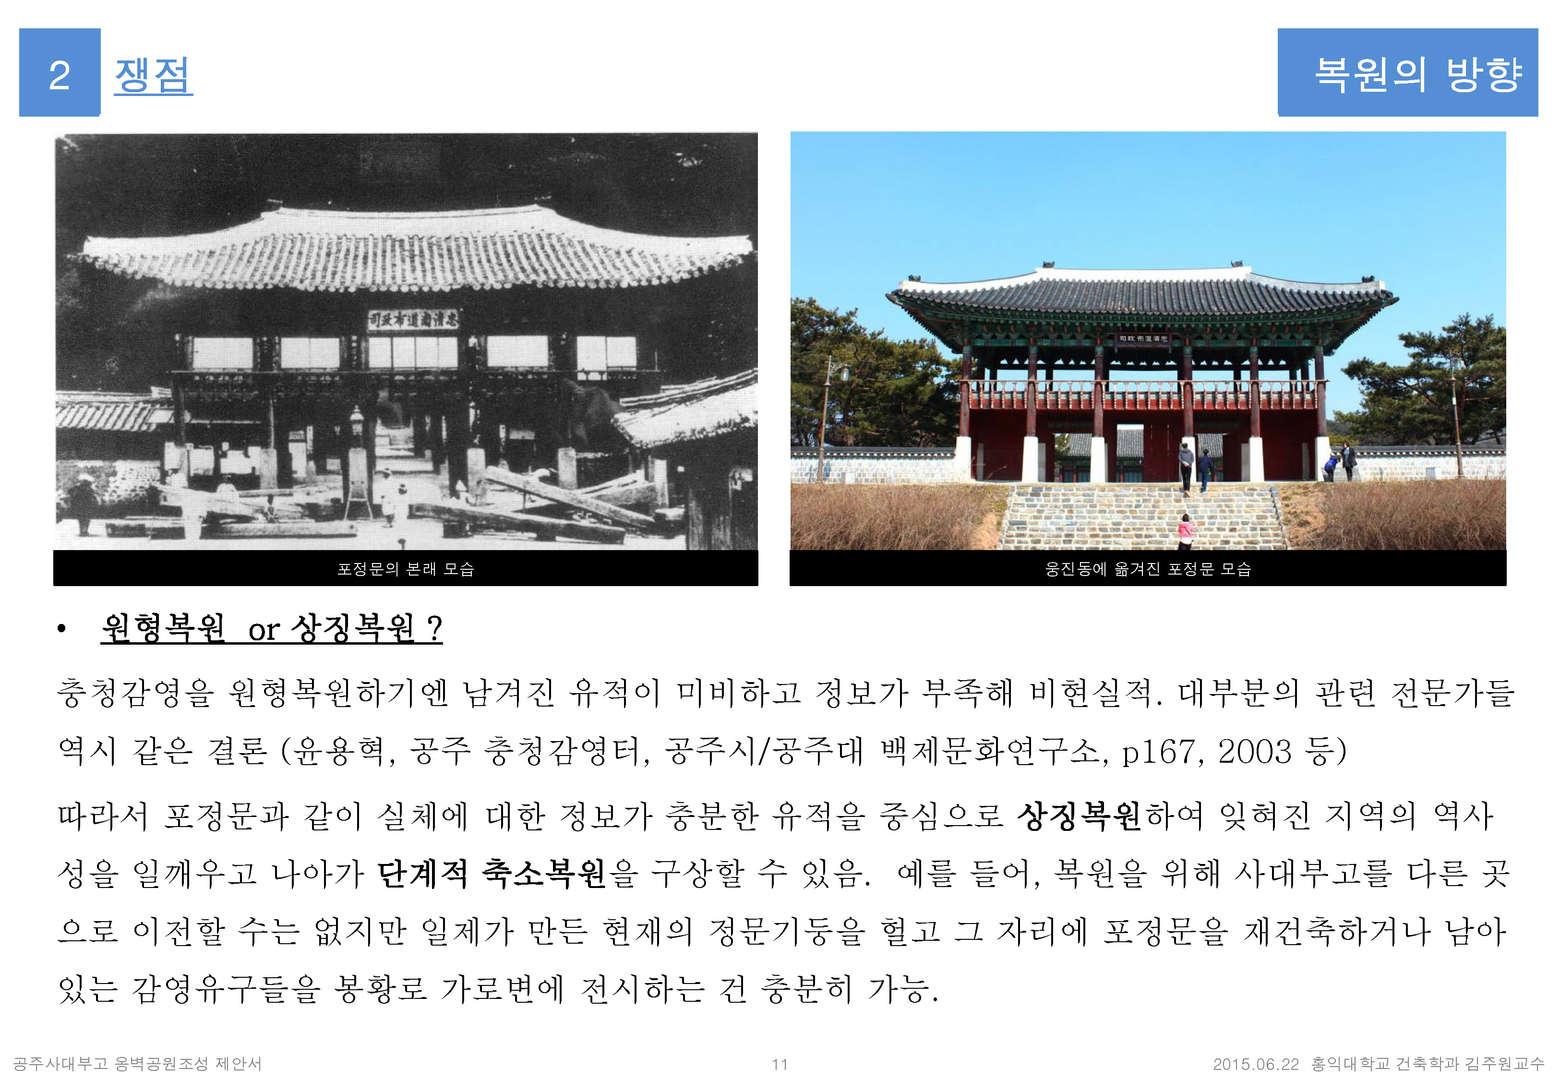 공주사대부고옹벽공원조성제안서4_페이지_11.jpg